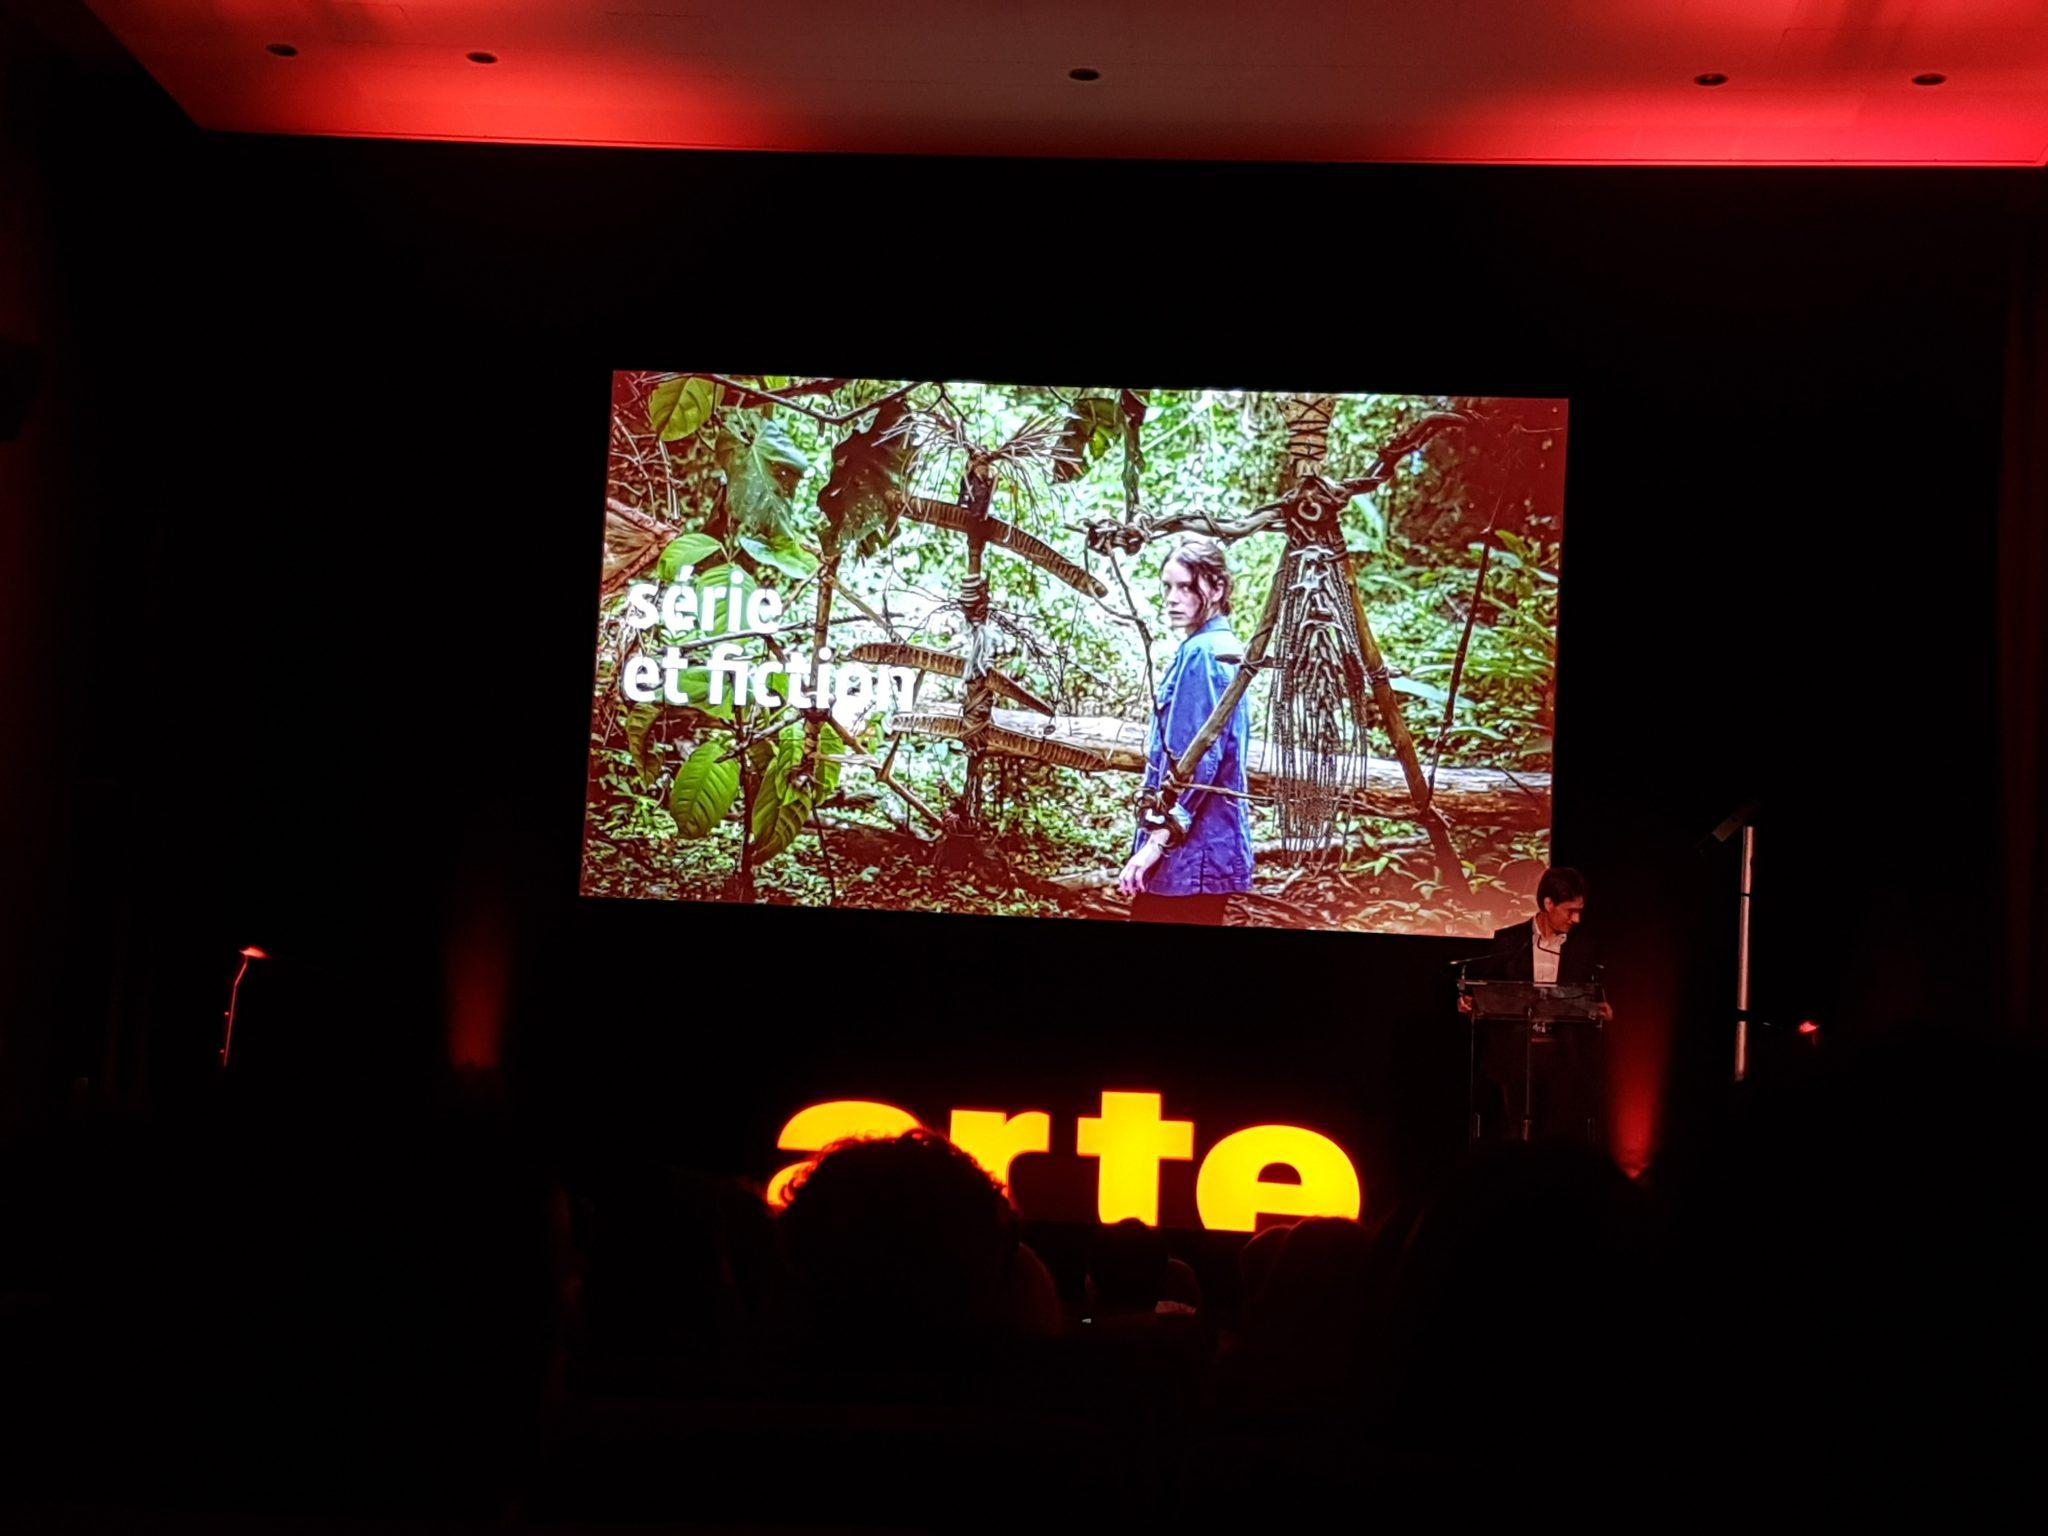 ARTE rentrée 2017 image série et fiction